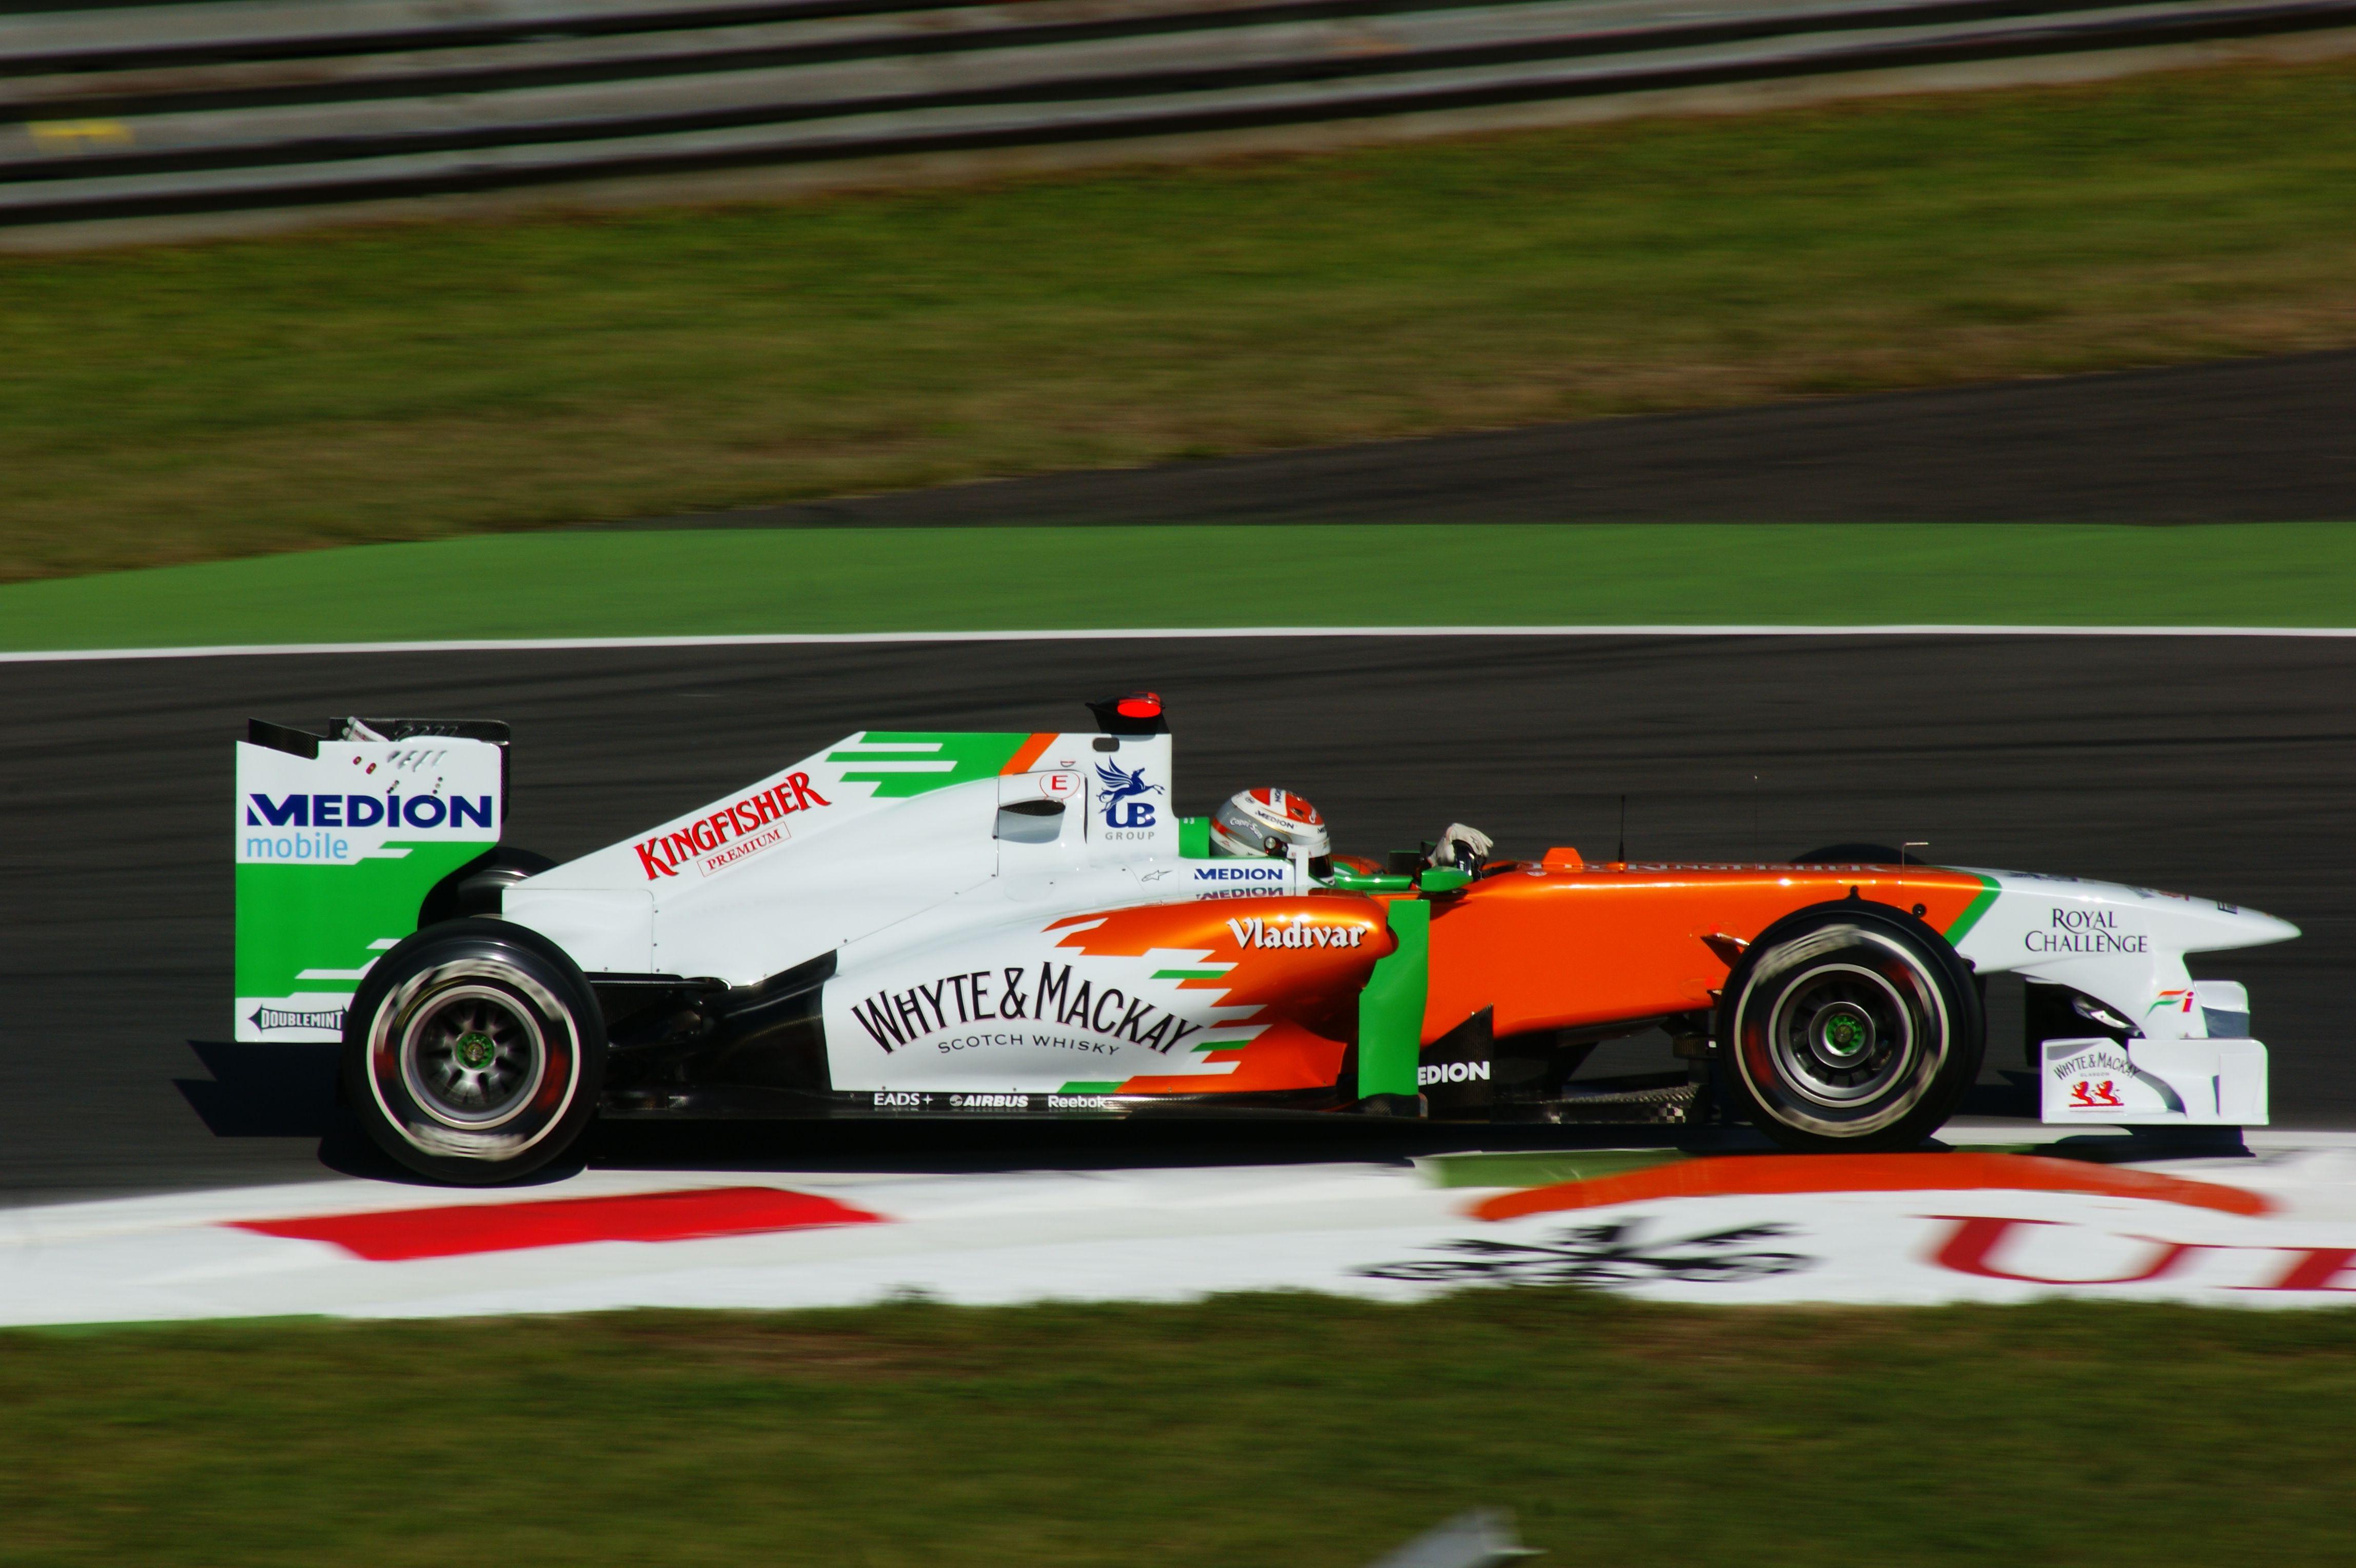 P9: Adrian Sutil (GER) - Force India-Mercedes VJM04 - 42 Points #motorsport #racing #f1 #formel1 #formula1 #formulaone #motor #sport #passion